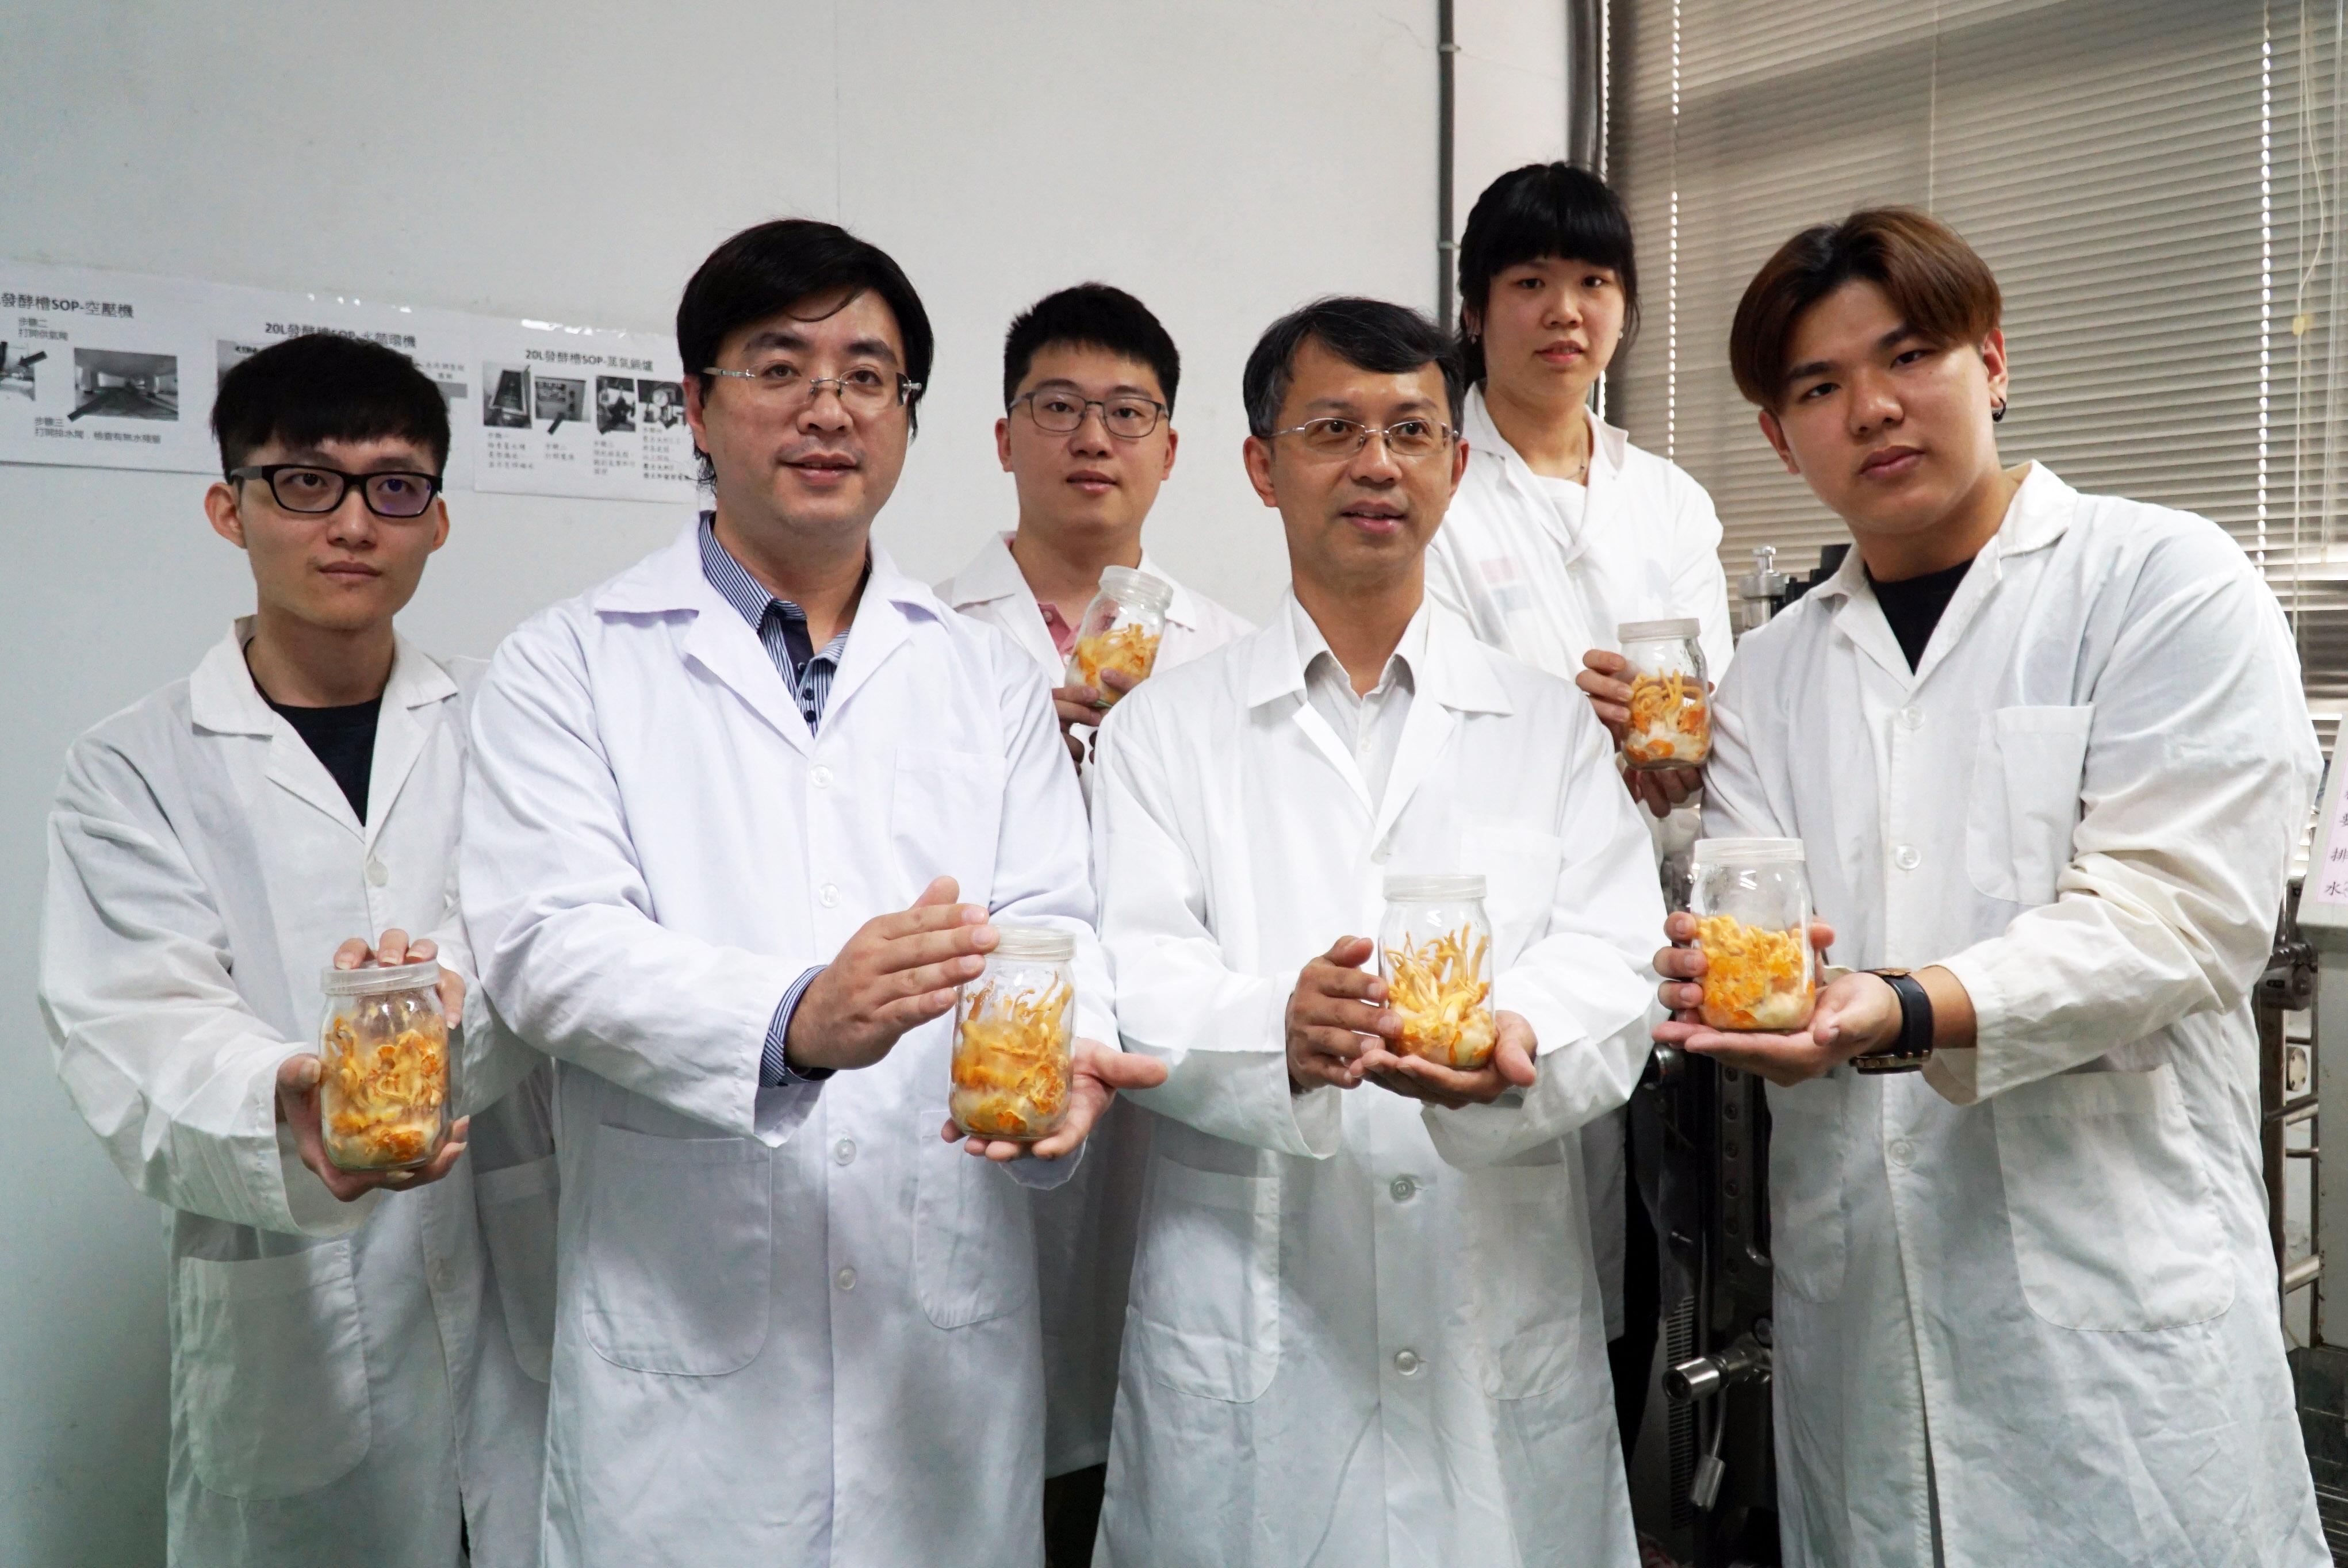 大葉大學與彰濱秀傳合作  證實蛹蟲草有助腸道好菌增加-大葉大學食品暨應用生物科技學系